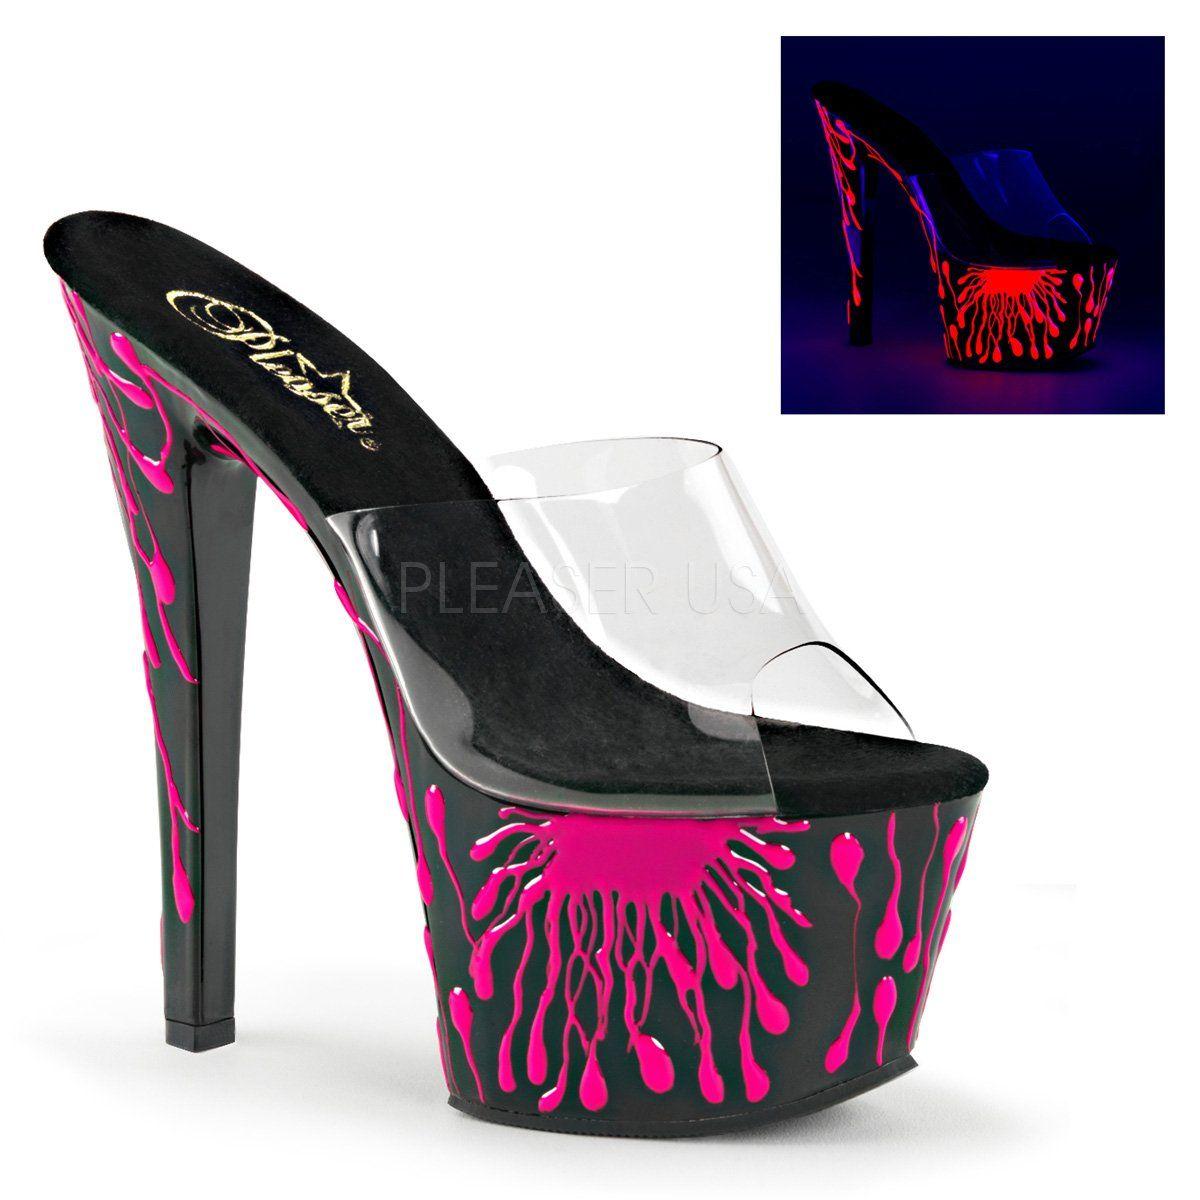 High Heels Pleaser Shoes Damenschuhe SKY 301 5